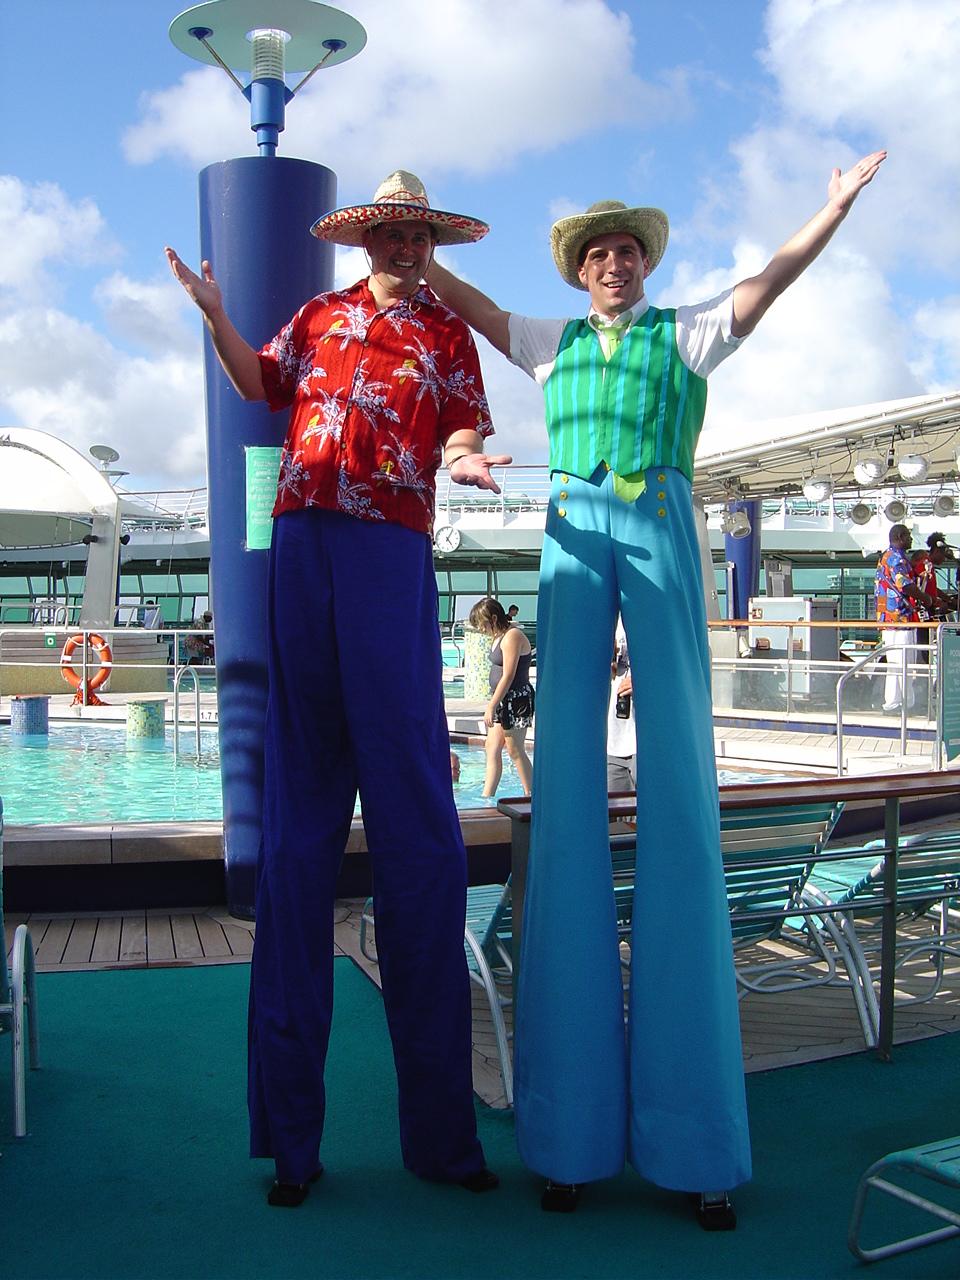 Caribbean ship/tacky tourists